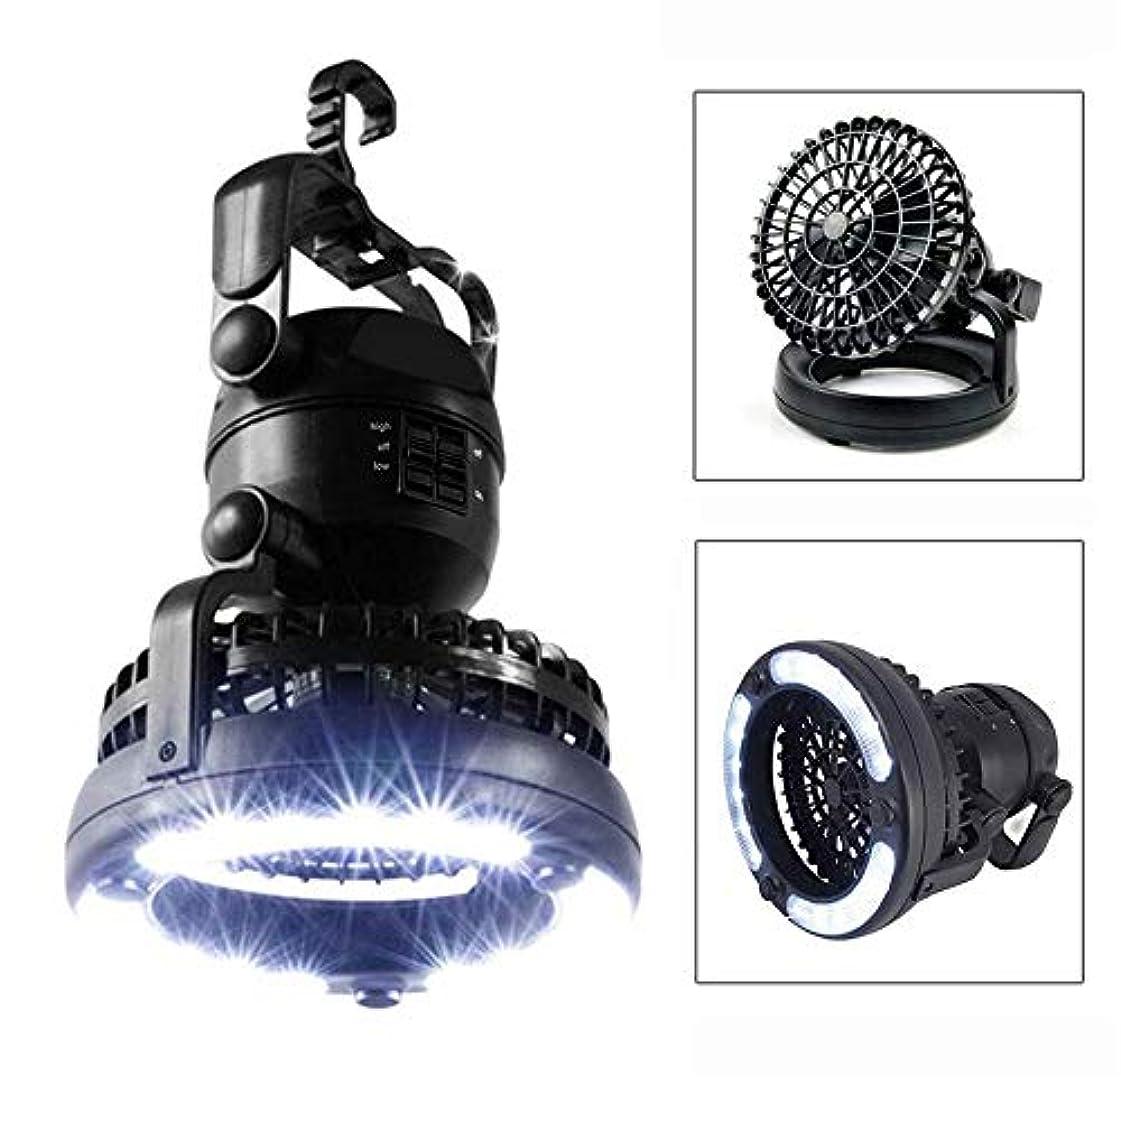 希望に満ちた編集者救援LEDキャンプランプ、LED懐中電灯の天井ファンが付いている1つの携帯用ランタン360回転停電のための防水防風電池式の非常灯ハイキング、緊急グリル